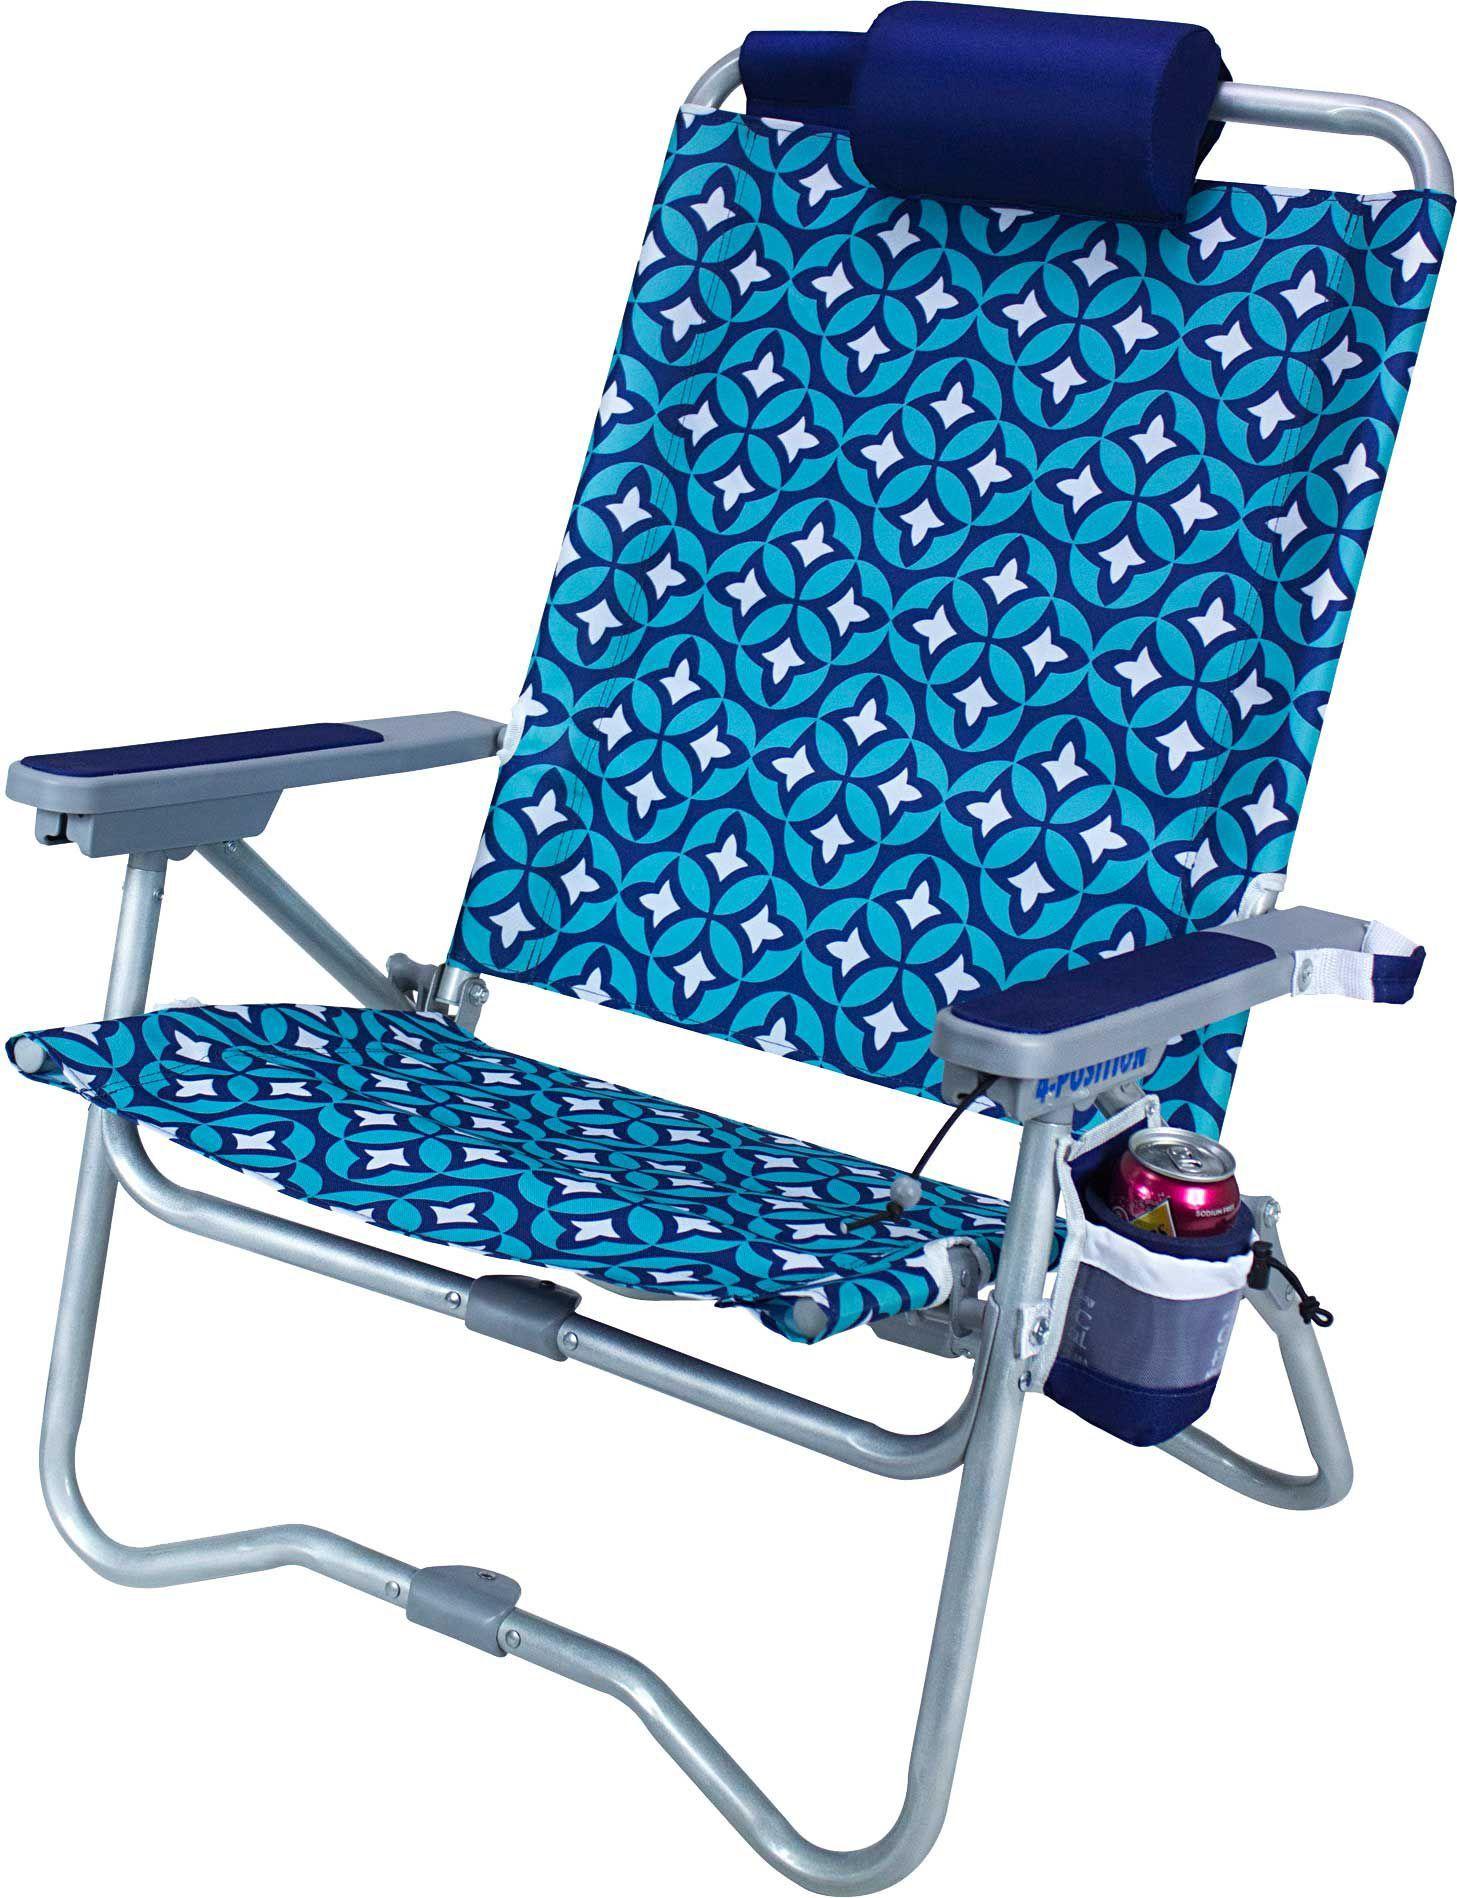 GCI Waterside BiFold Beach Chair, Blue Chair, Beach